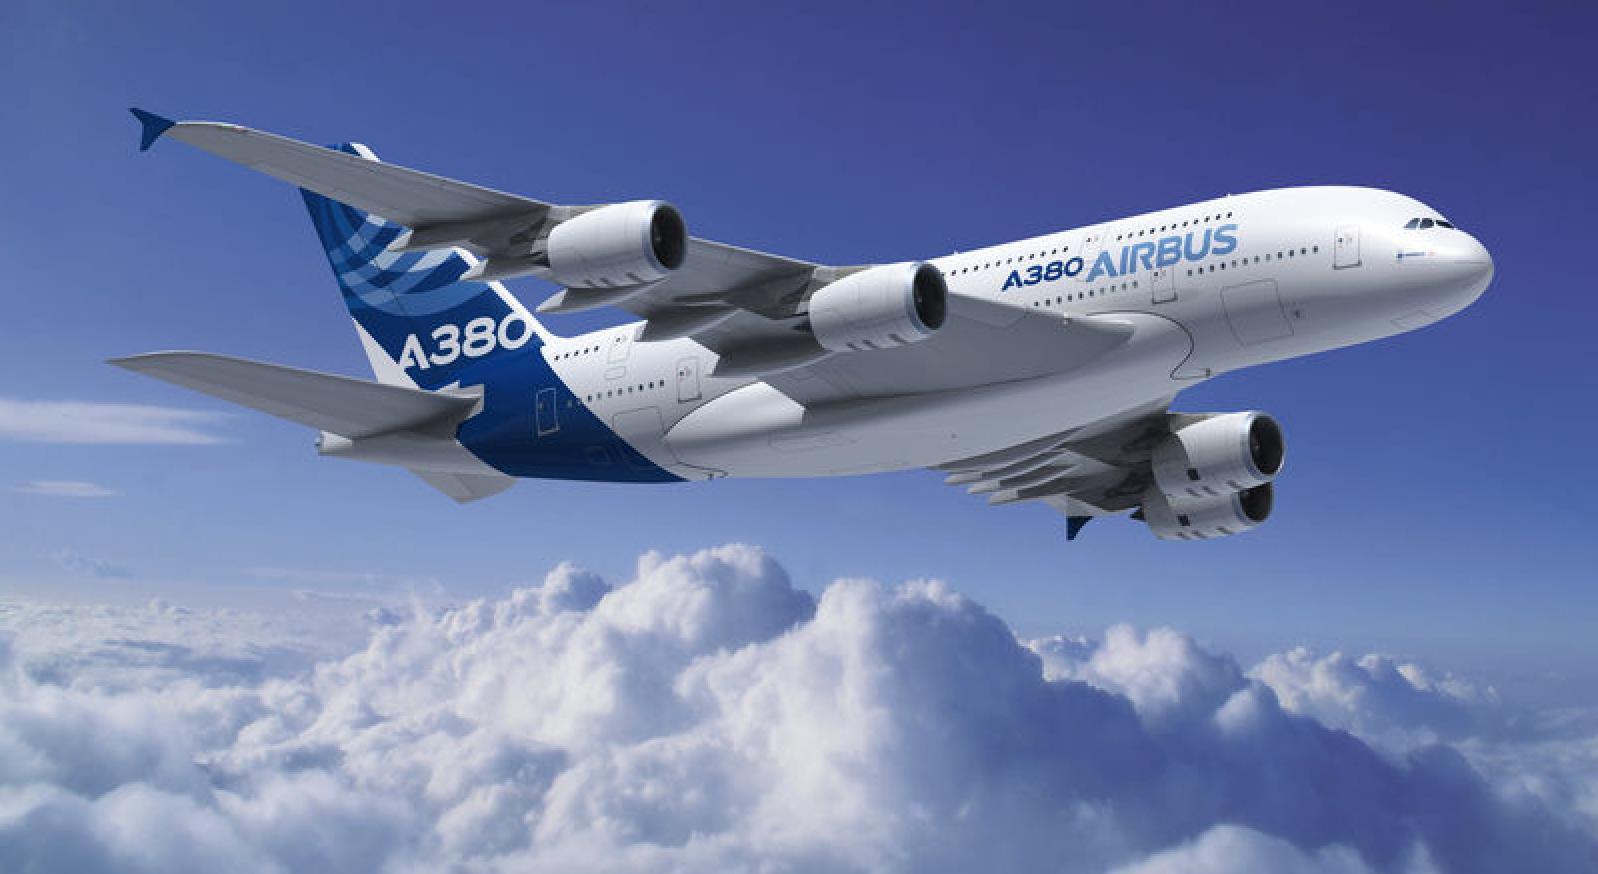 Piaci nyomás miatt foghat fejlesztésekbe az Airbus